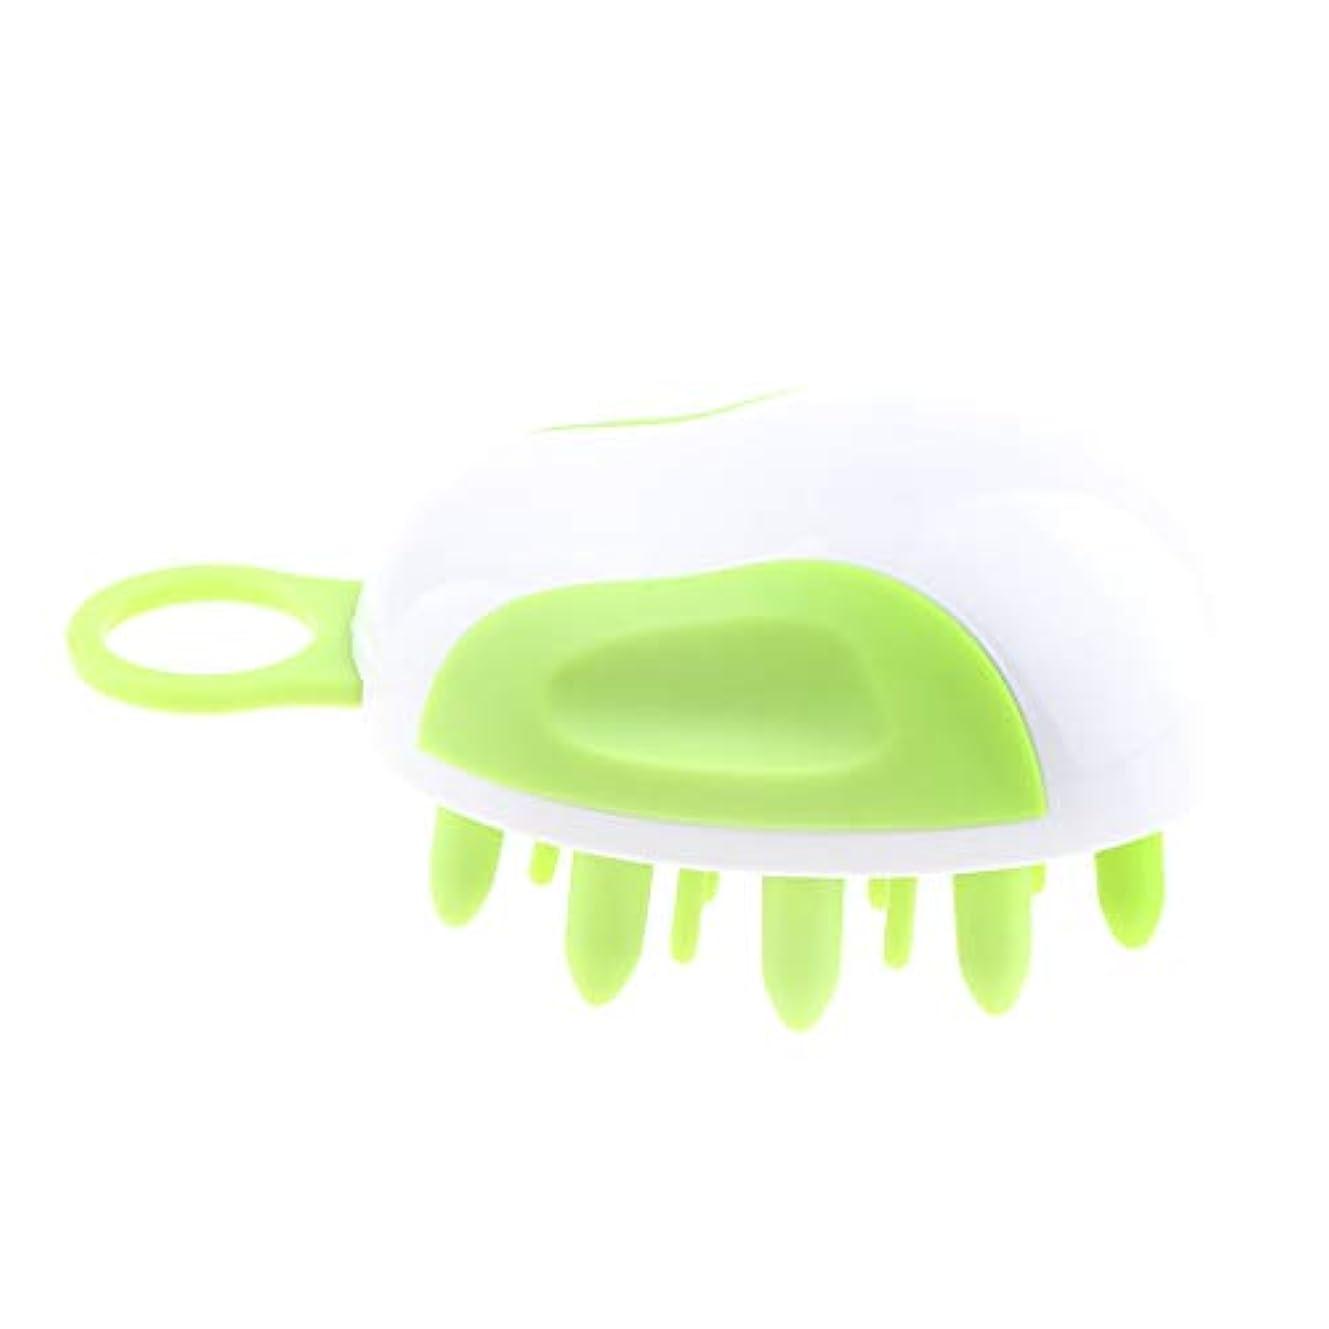 ペンダント革命感嘆符T TOOYFUL シリコン 頭皮マッサージャー ブラシ シャンプーブラシ 育毛グリーン用 柔らかい 耐久性 丈夫 全2カラー - 緑